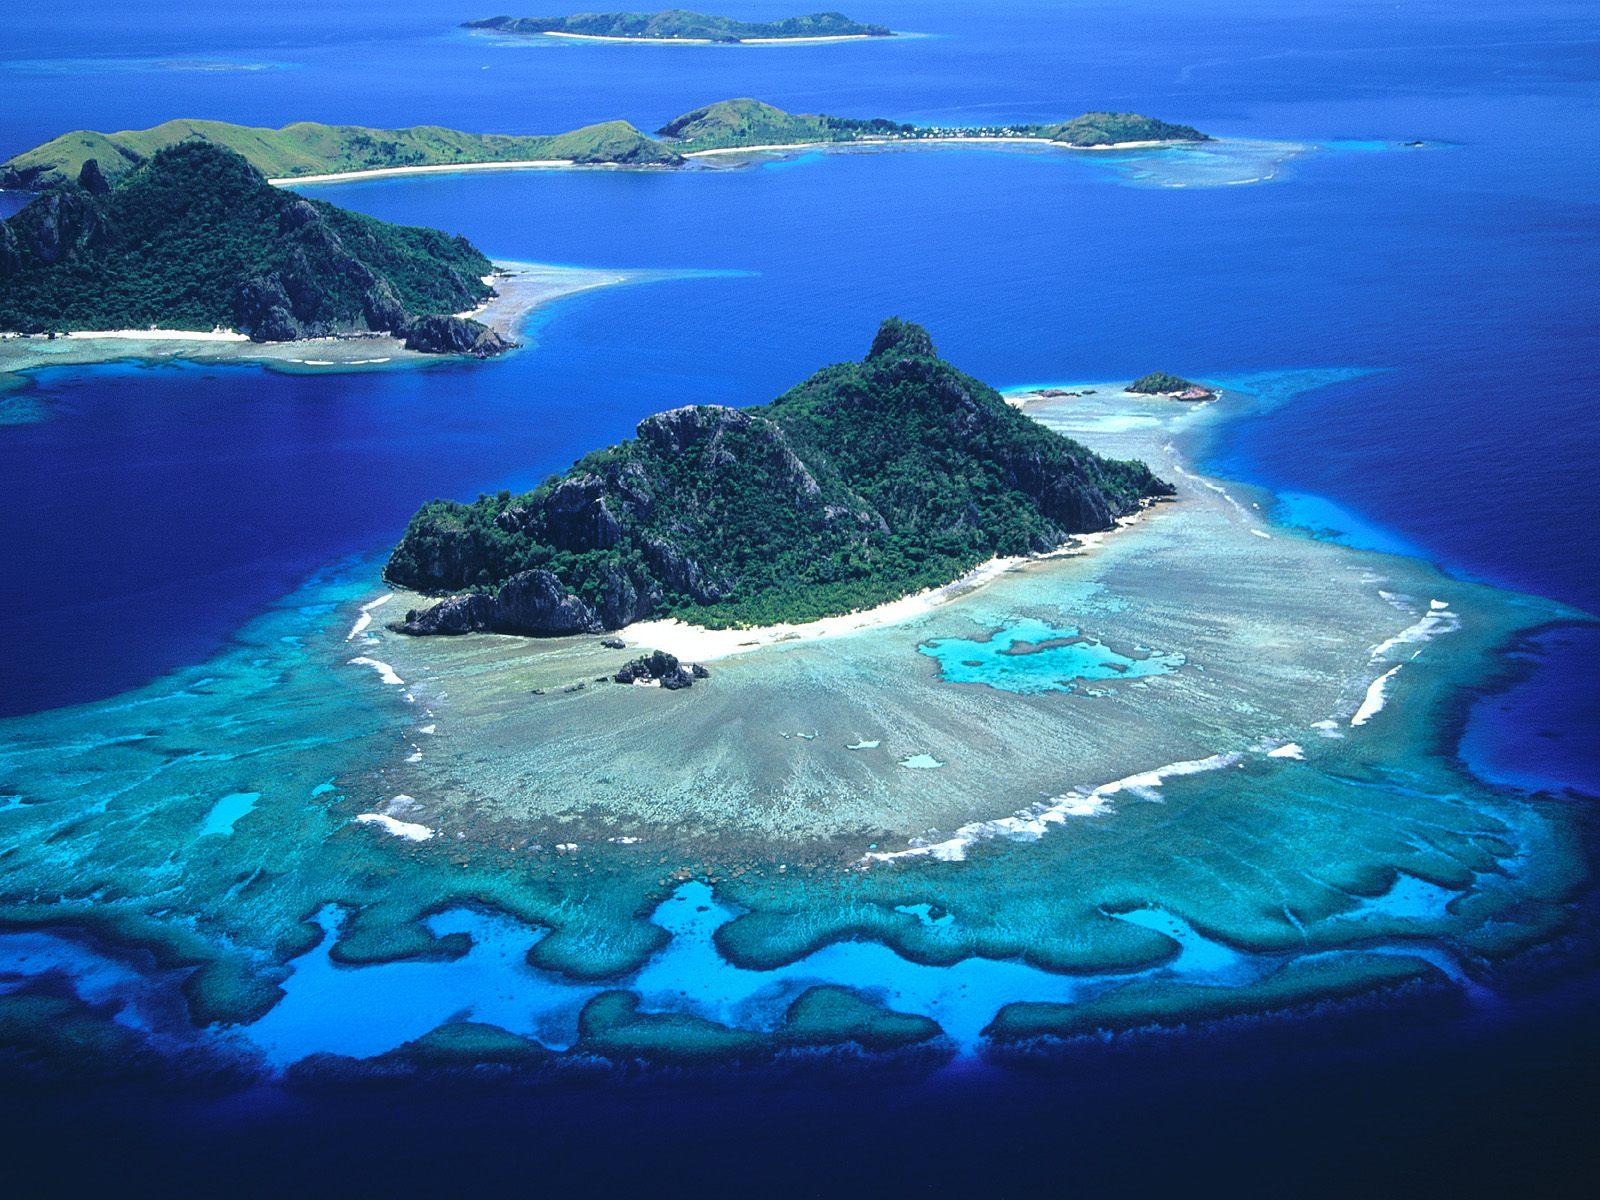 Άποψη από τα νησιά Φίτζι, στον Ειρηνικό Ωκεανό